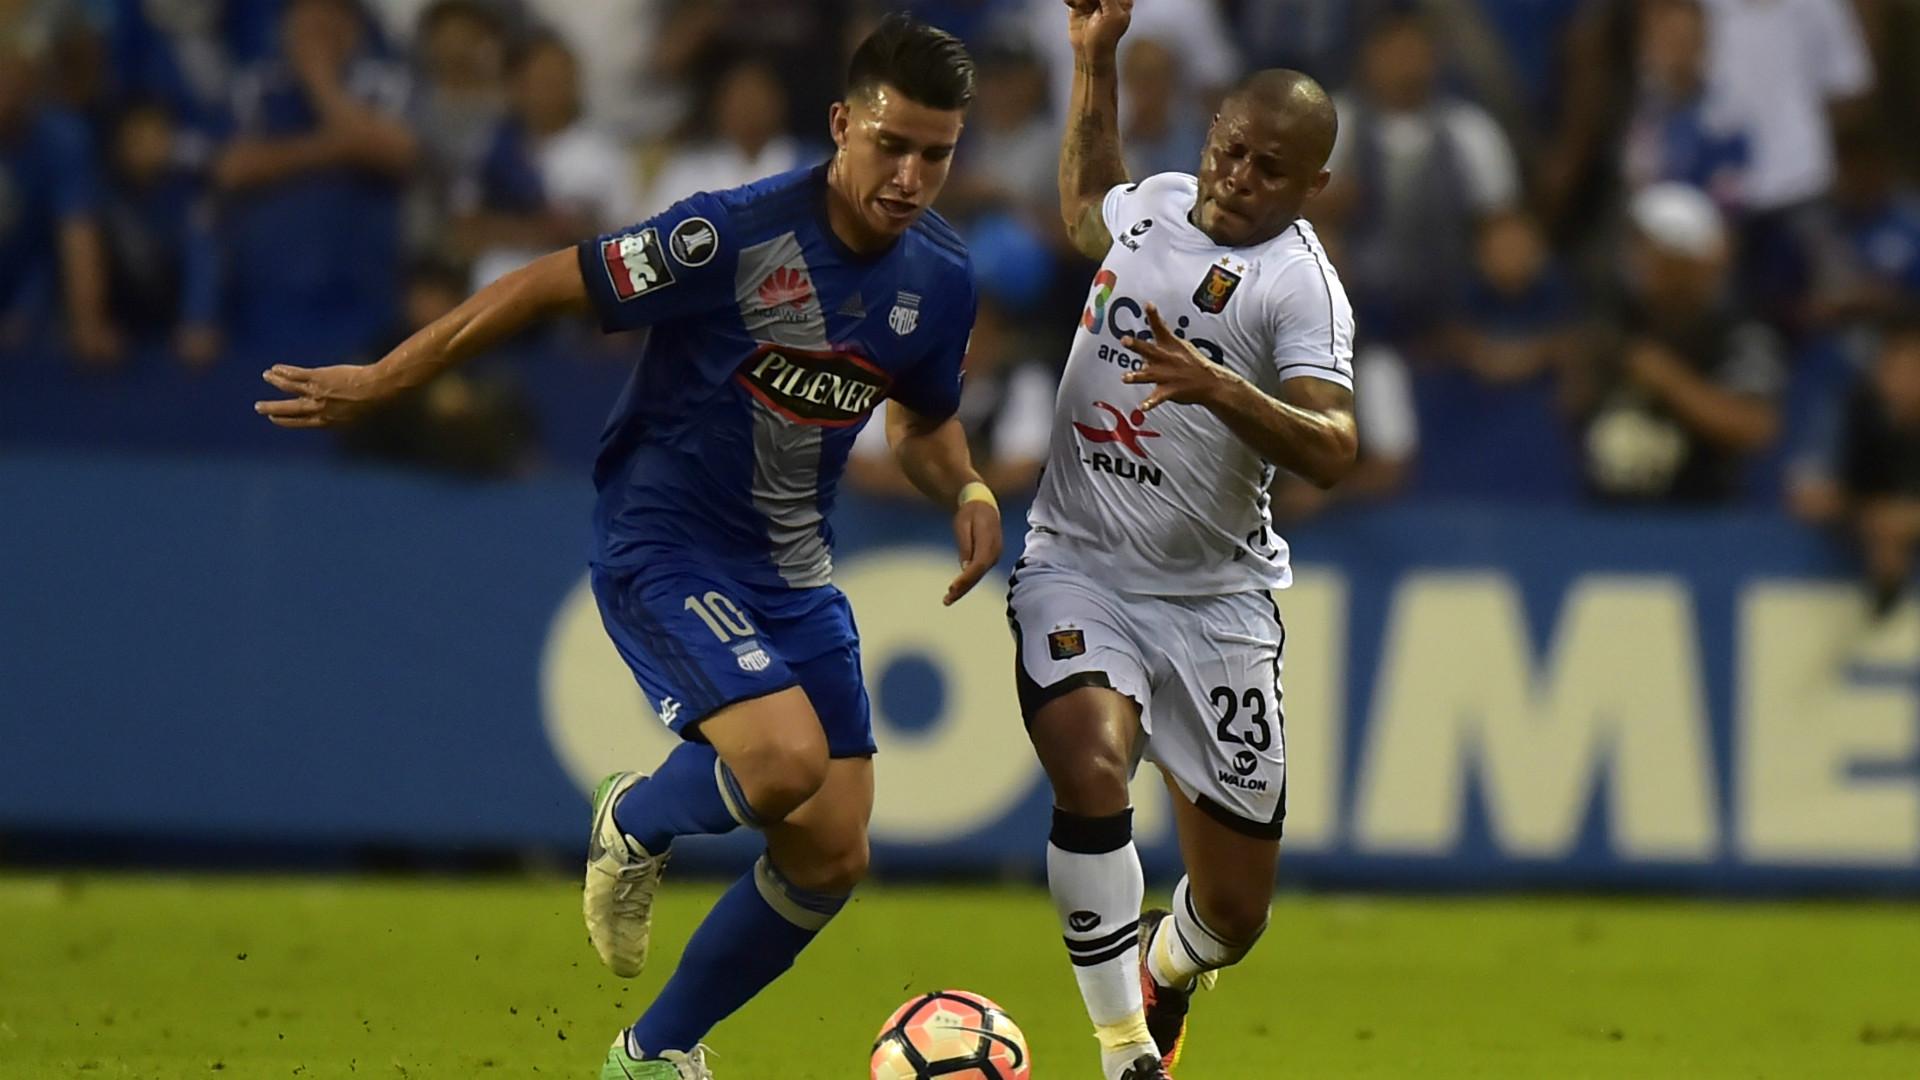 Fernando Gaibor Wilmer Aguirre Emelec Melgar Copa Libertadores 2017